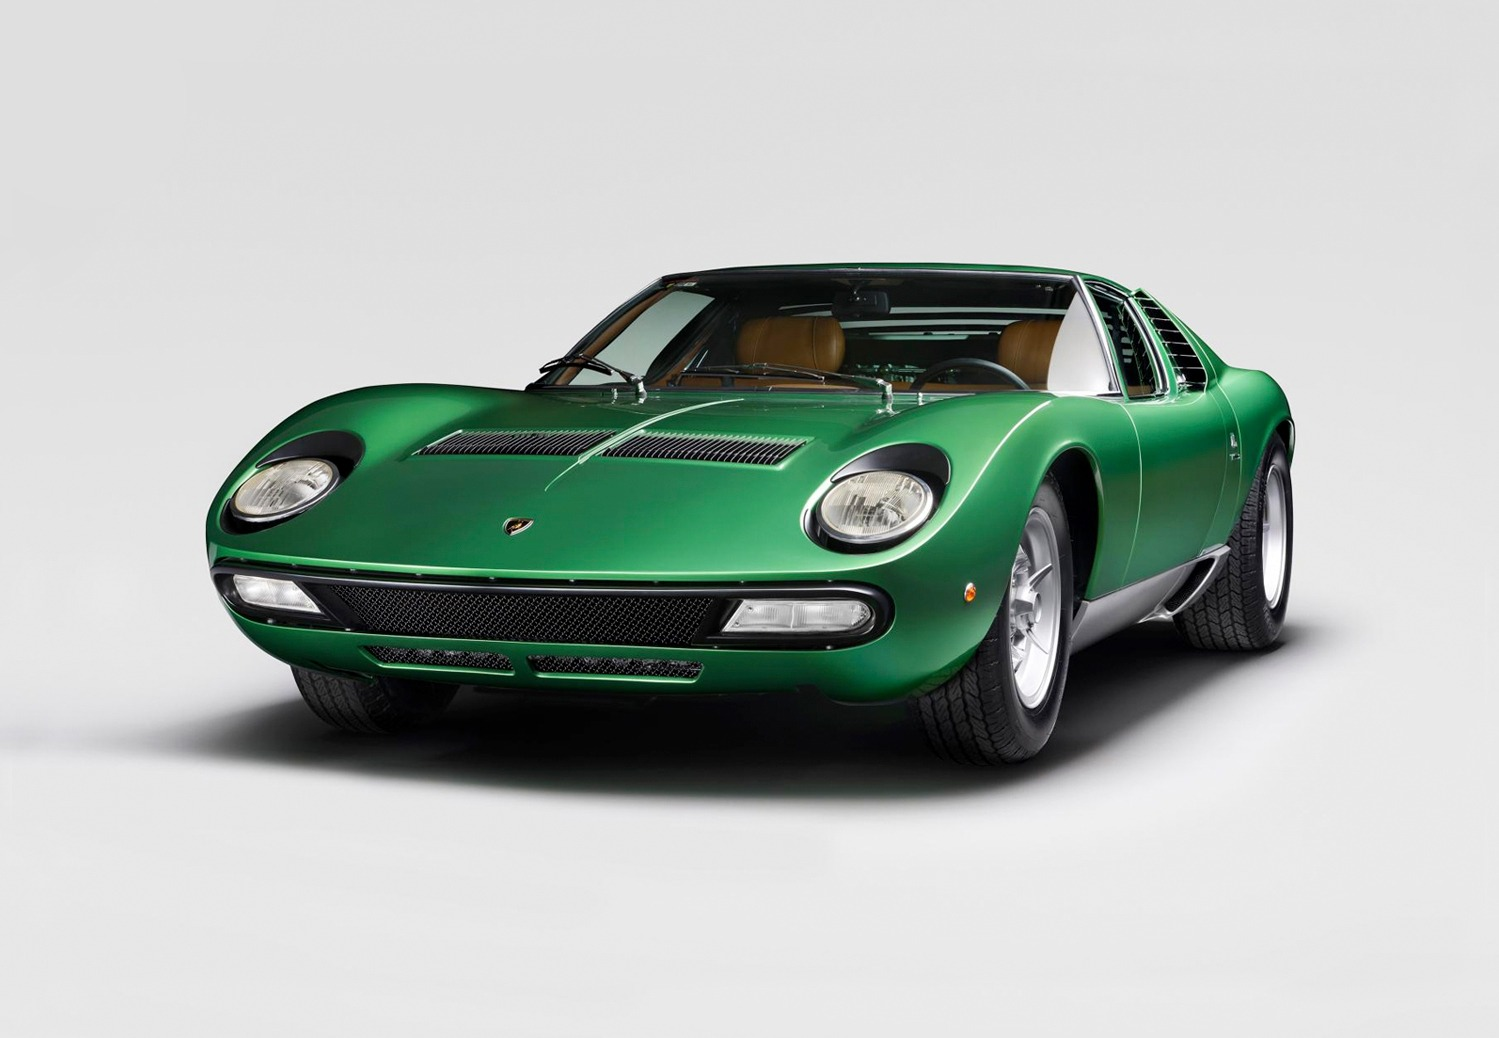 Lamborghini restaureert allereerste Miura SV